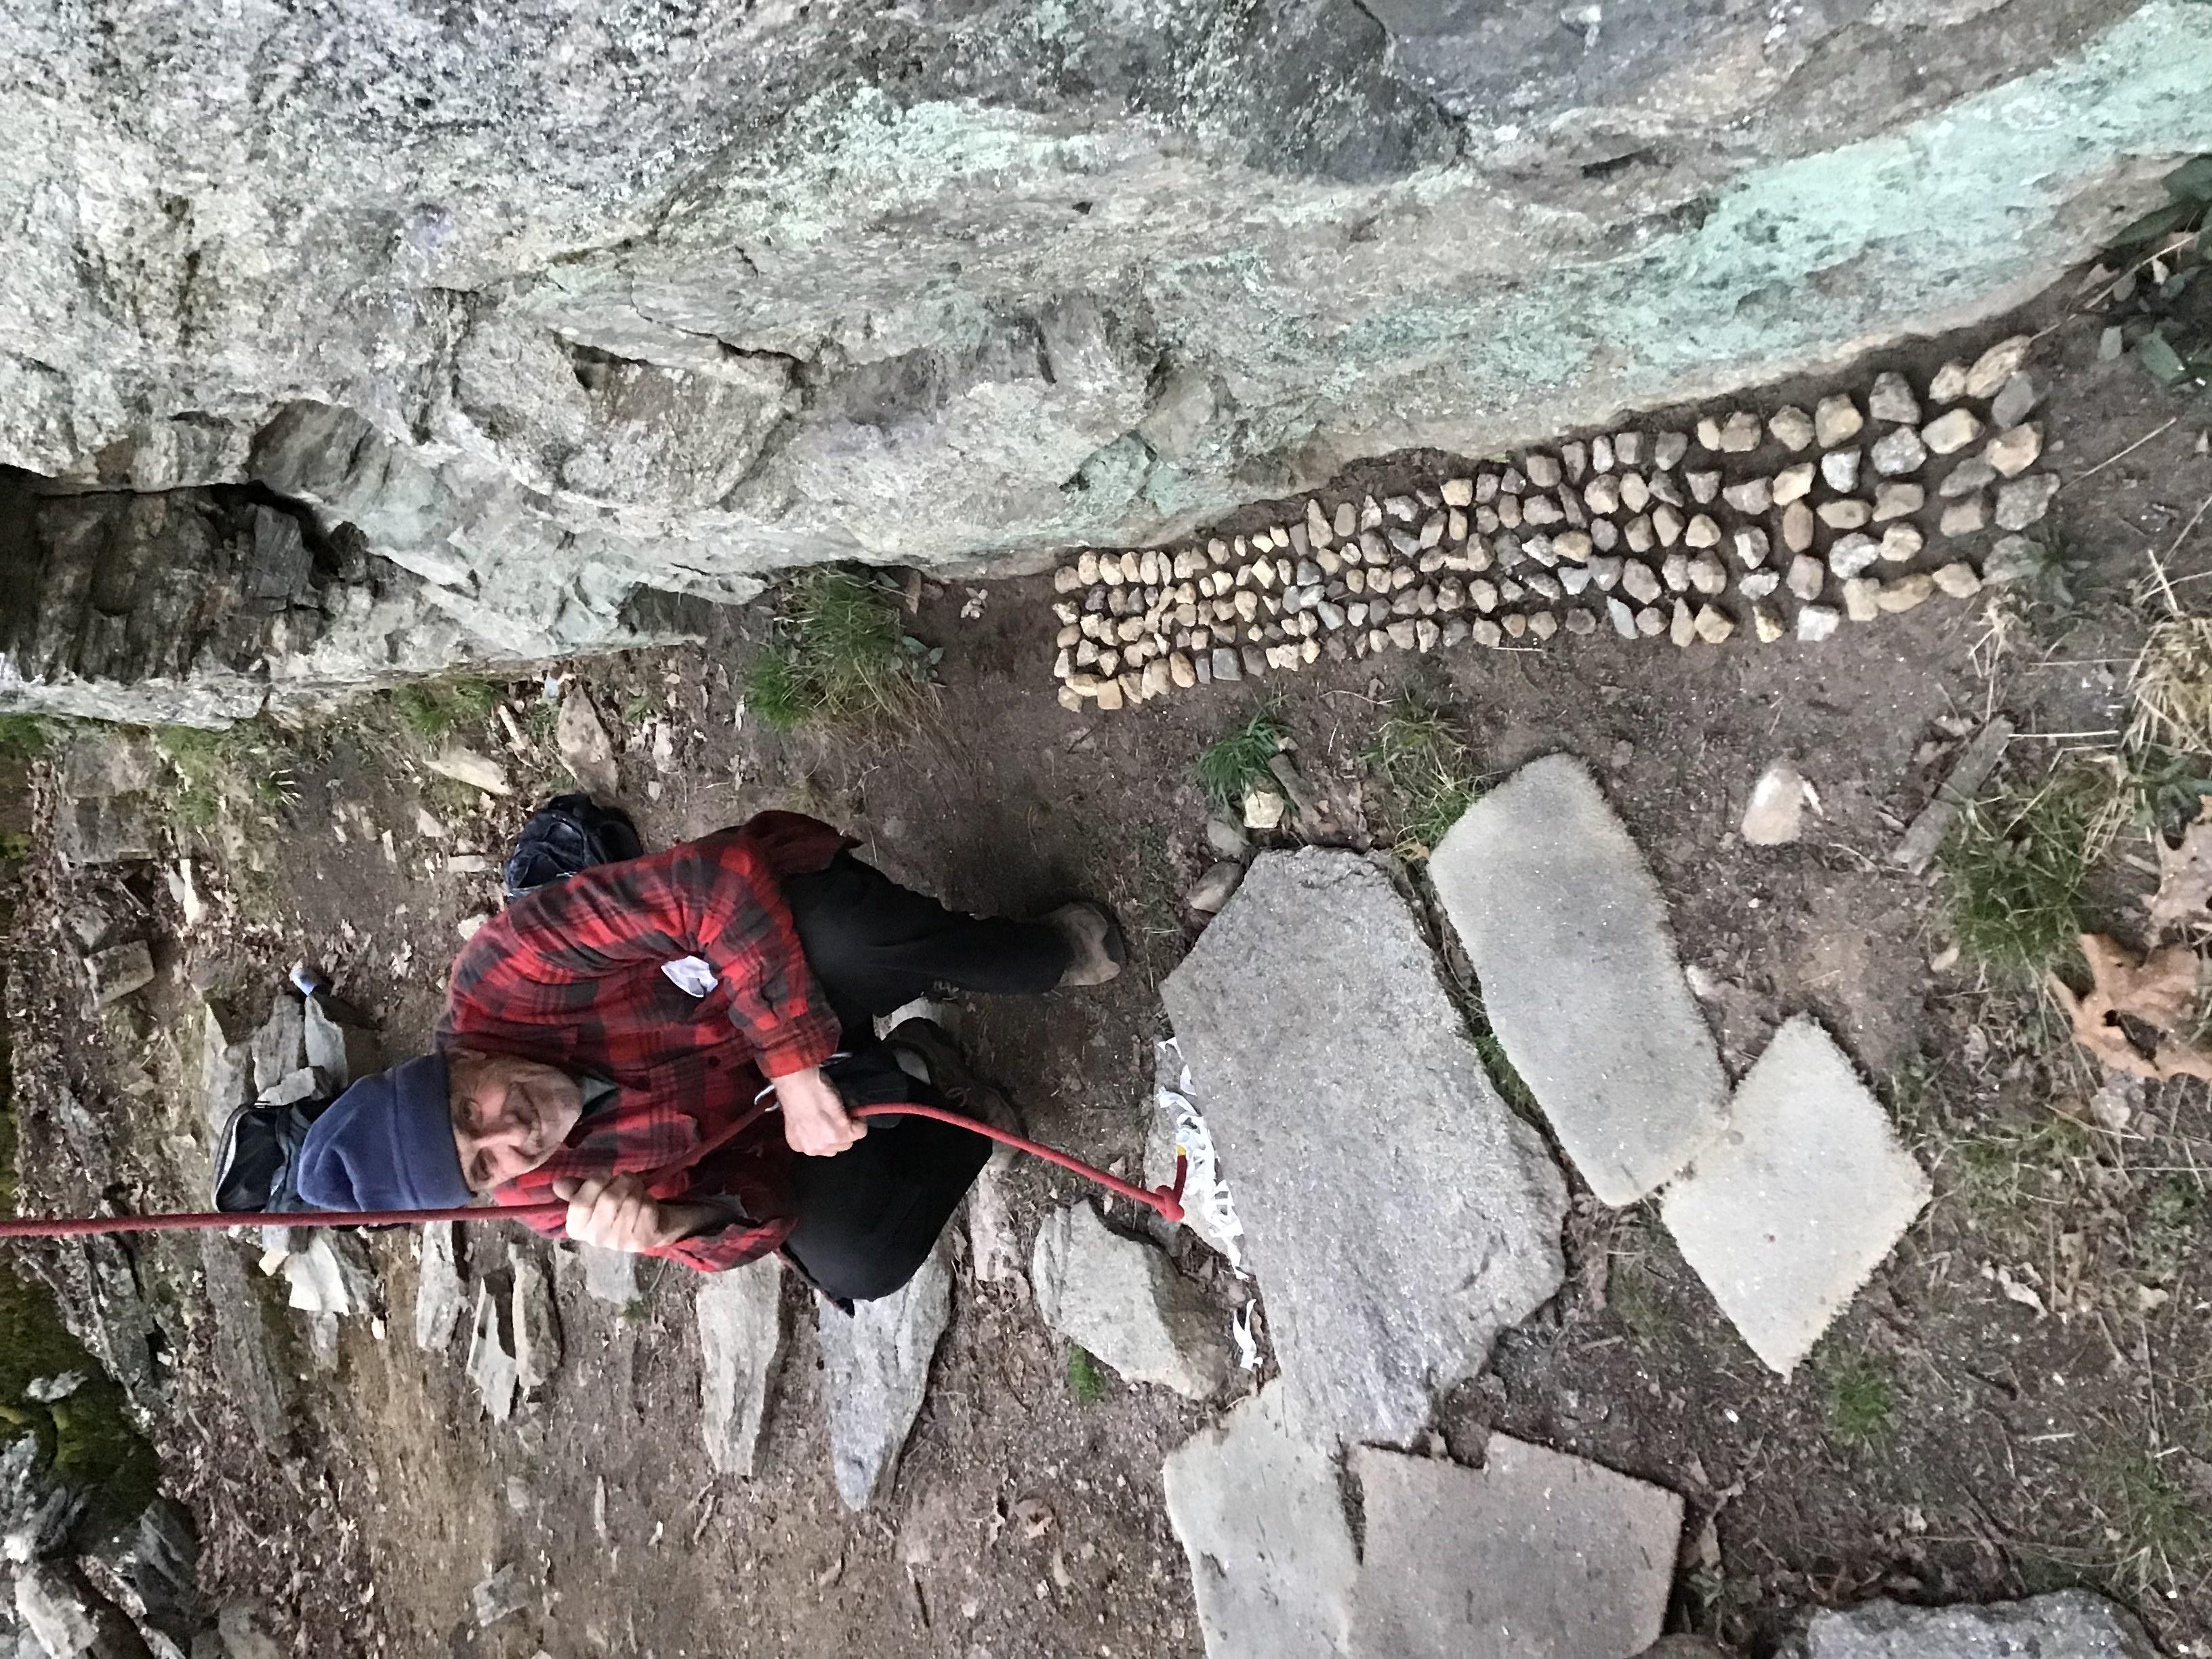 Stephen Kurczy's climb